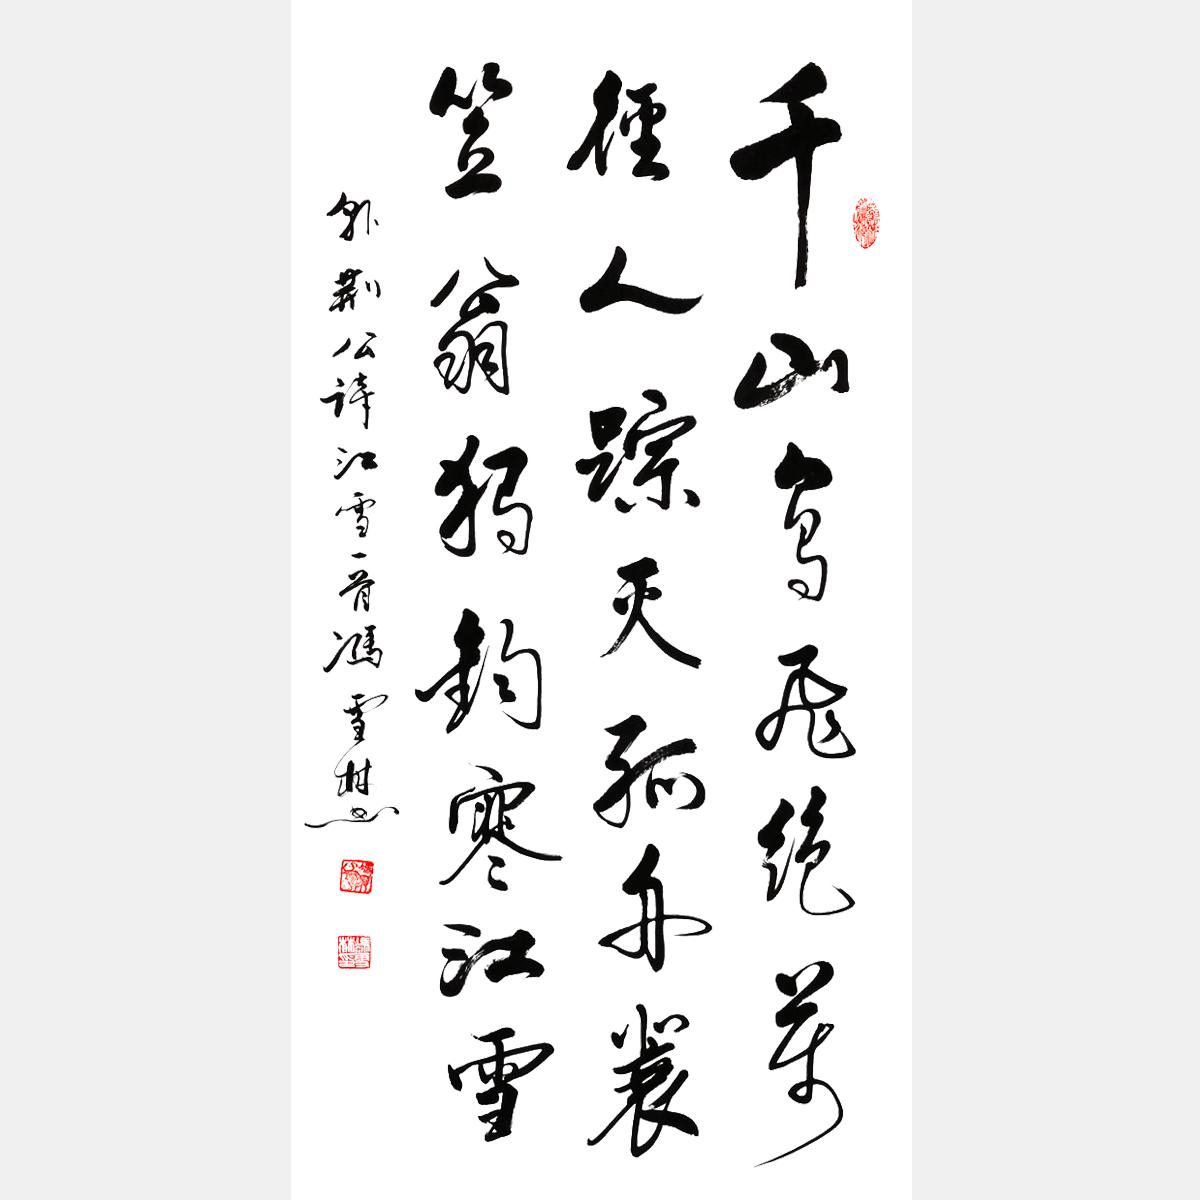 冯雪林书法作品 柳宗元代表作《江雪》江天雪景图 行书 竖幅